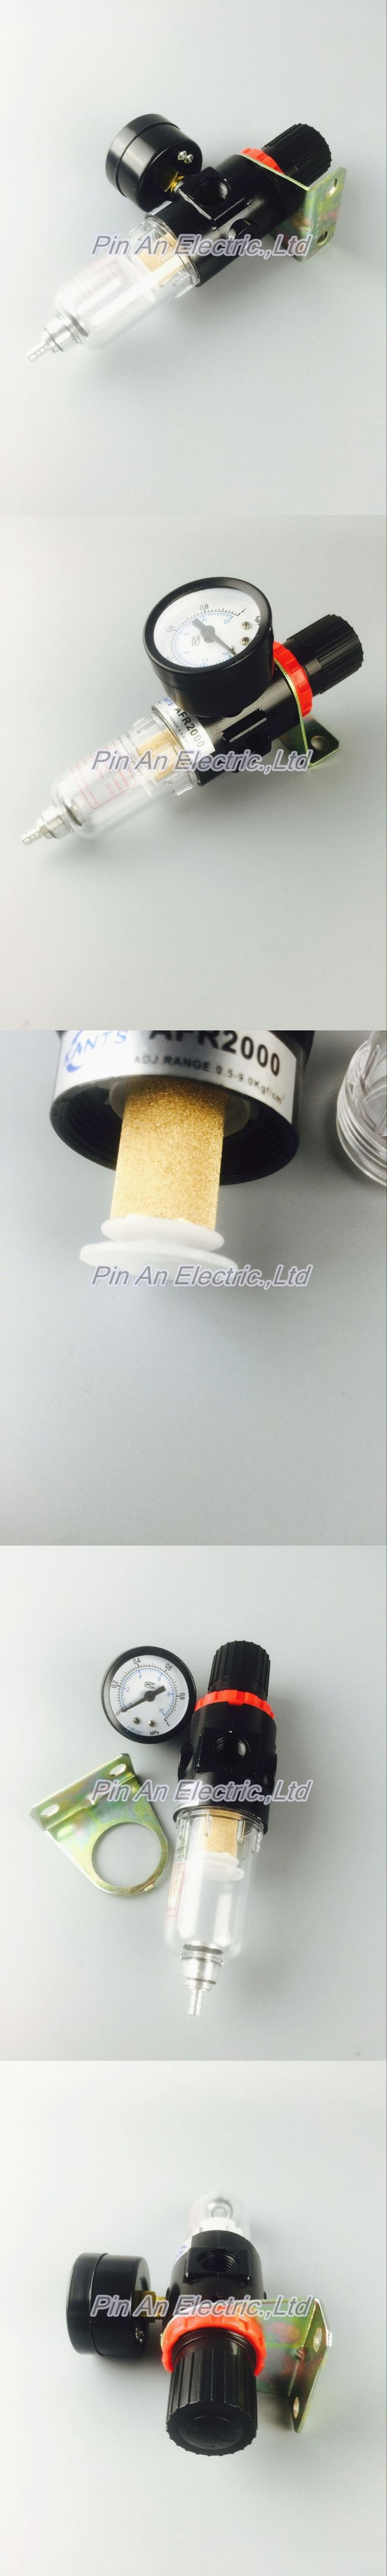 1pcs AFR-2000 Air Filter Regulator Compressor & Pressure reducing valve & Oil water separation+ Gauge Outfit AFR2000